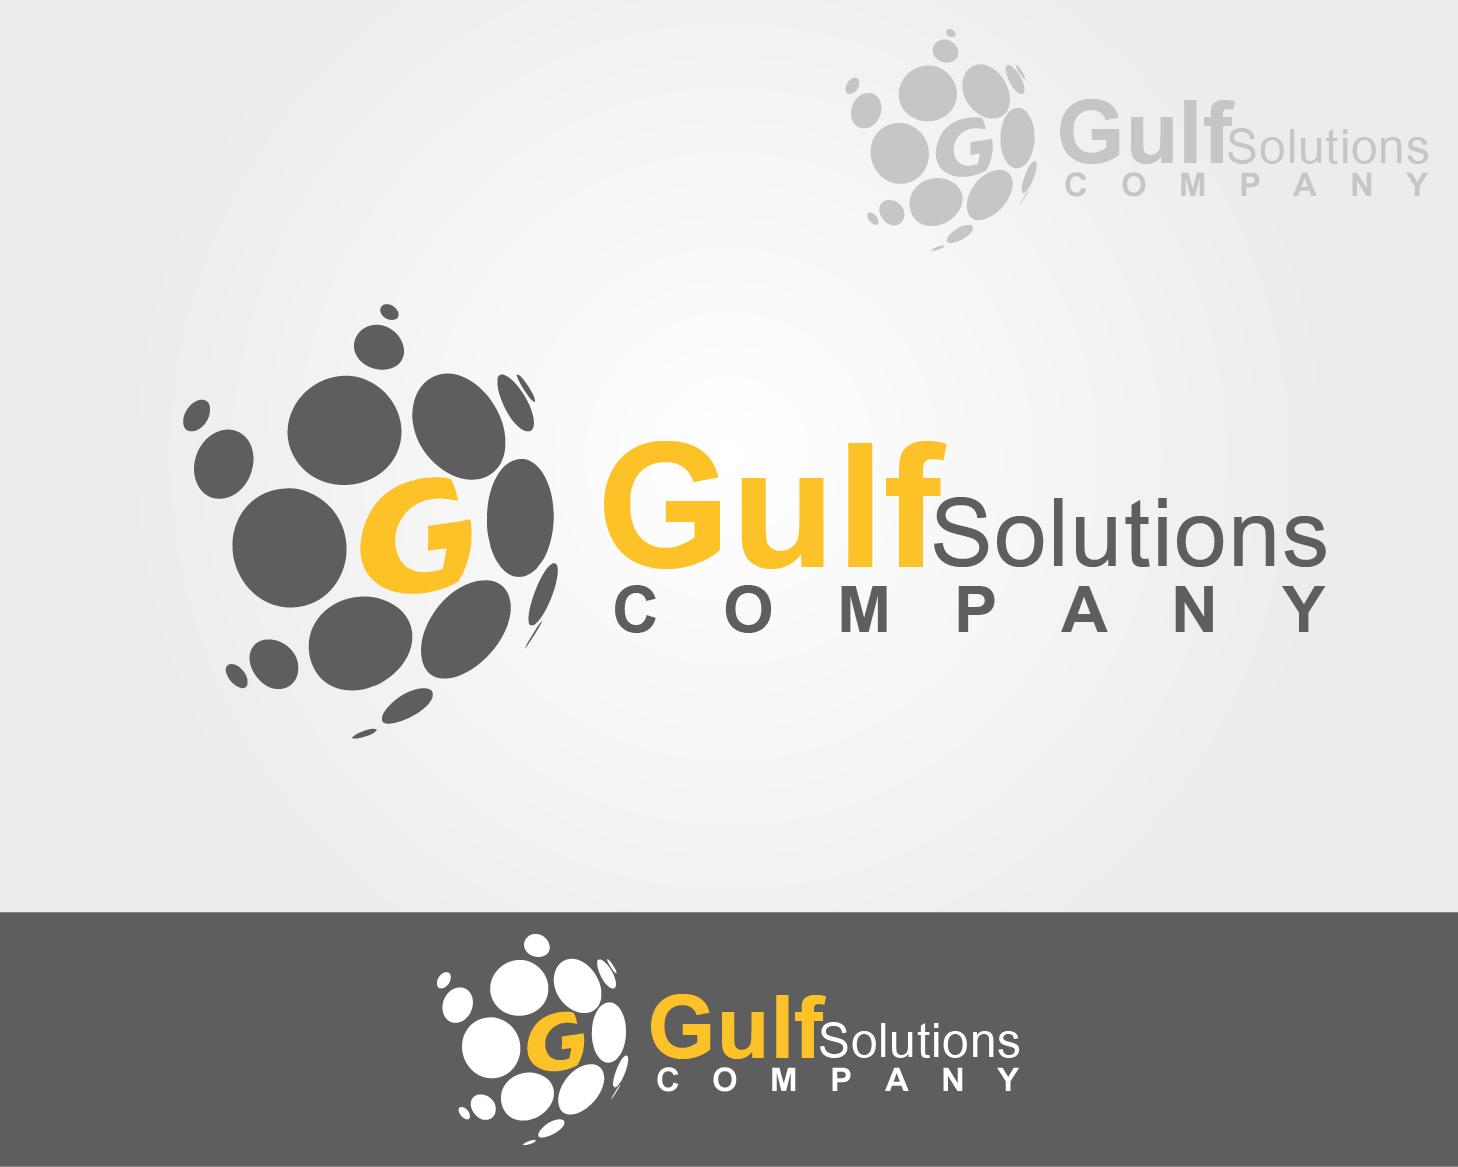 Logo Design by VENTSISLAV KOVACHEV - Entry No. 81 in the Logo Design Contest New Logo Design for Gulf solutions company.